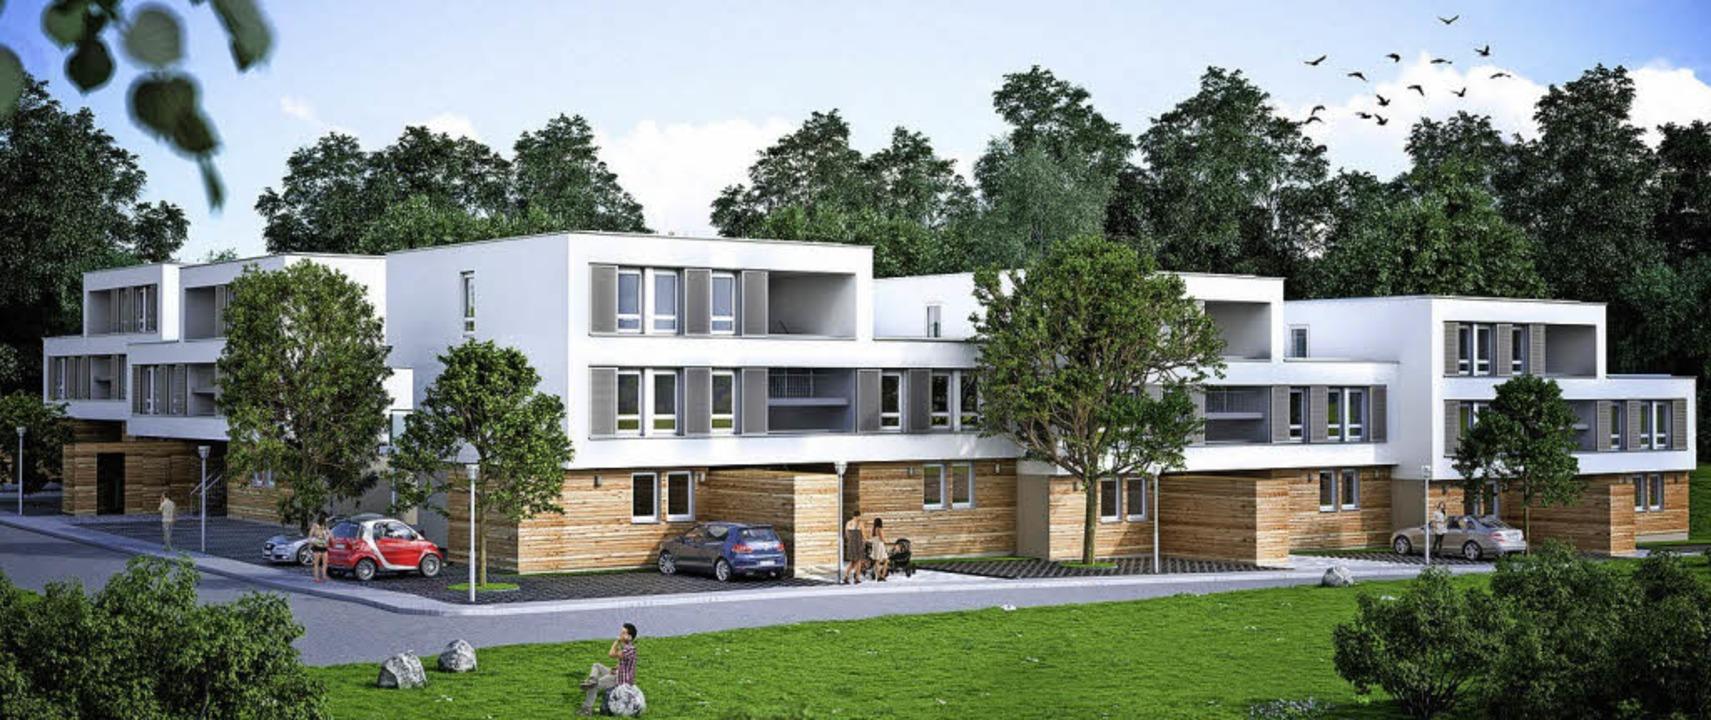 Wiederholbare Module zeichnen die soge...h zu Altbauten   geringe Nebenkosten.   | Foto: Visualisierung: Familienheim Schwarzwald-Baar-Heuberg